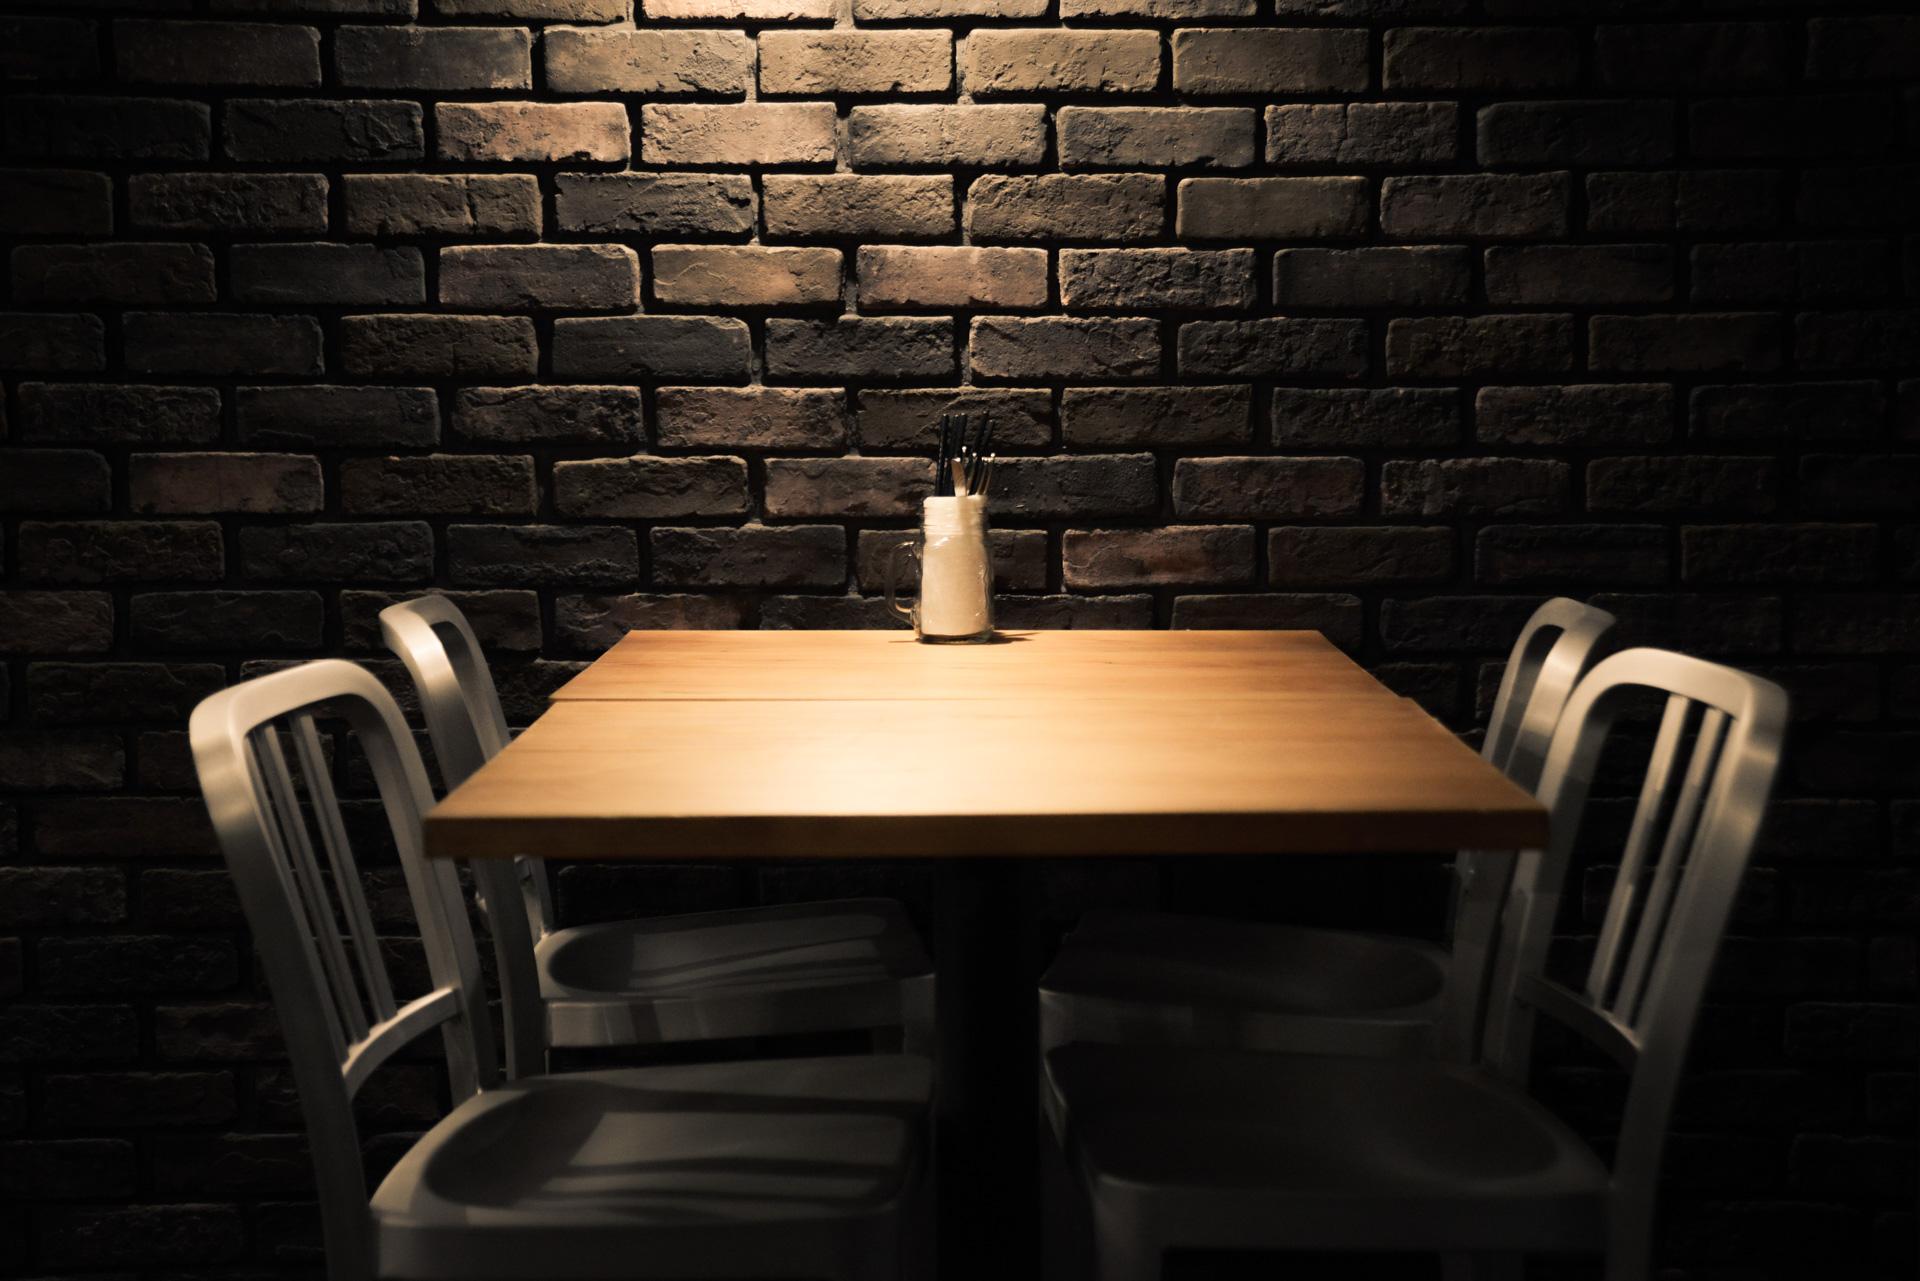 レンガ壁際の4名テーブルのスポットライト